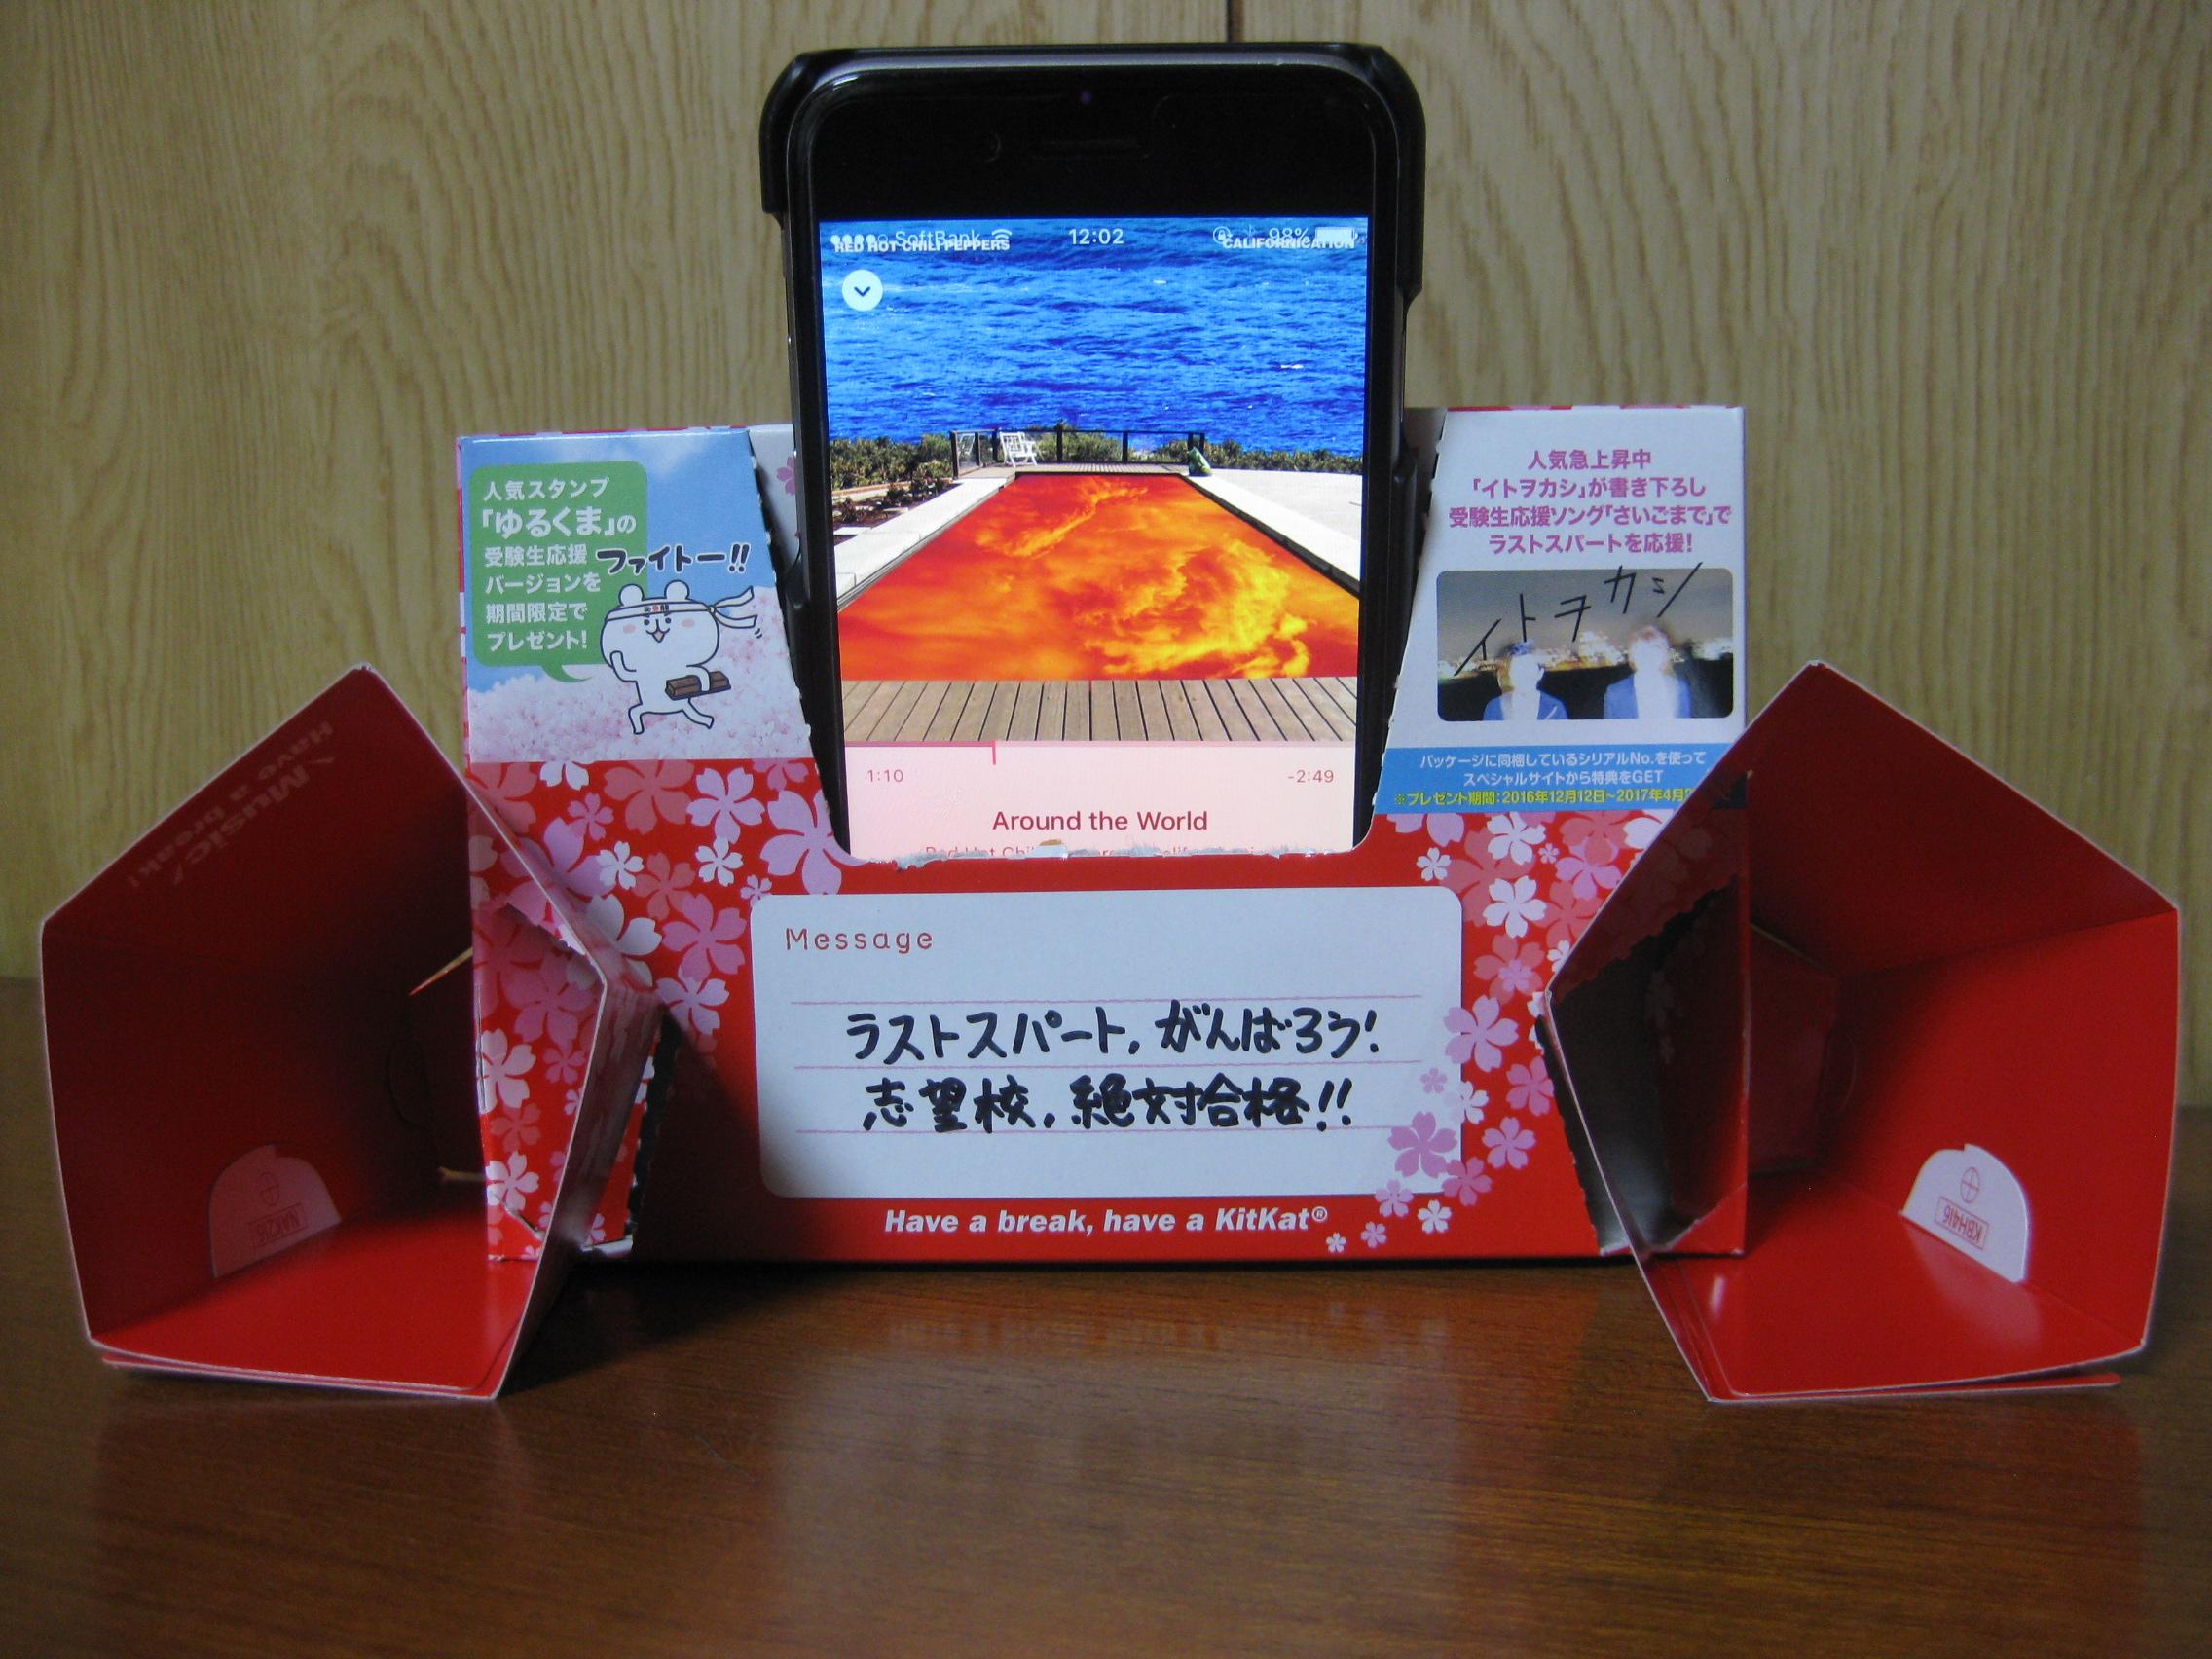 販売促進とパッケージデザイン事例「消費者に強いインパクトを与えるパッケージのアイディア」